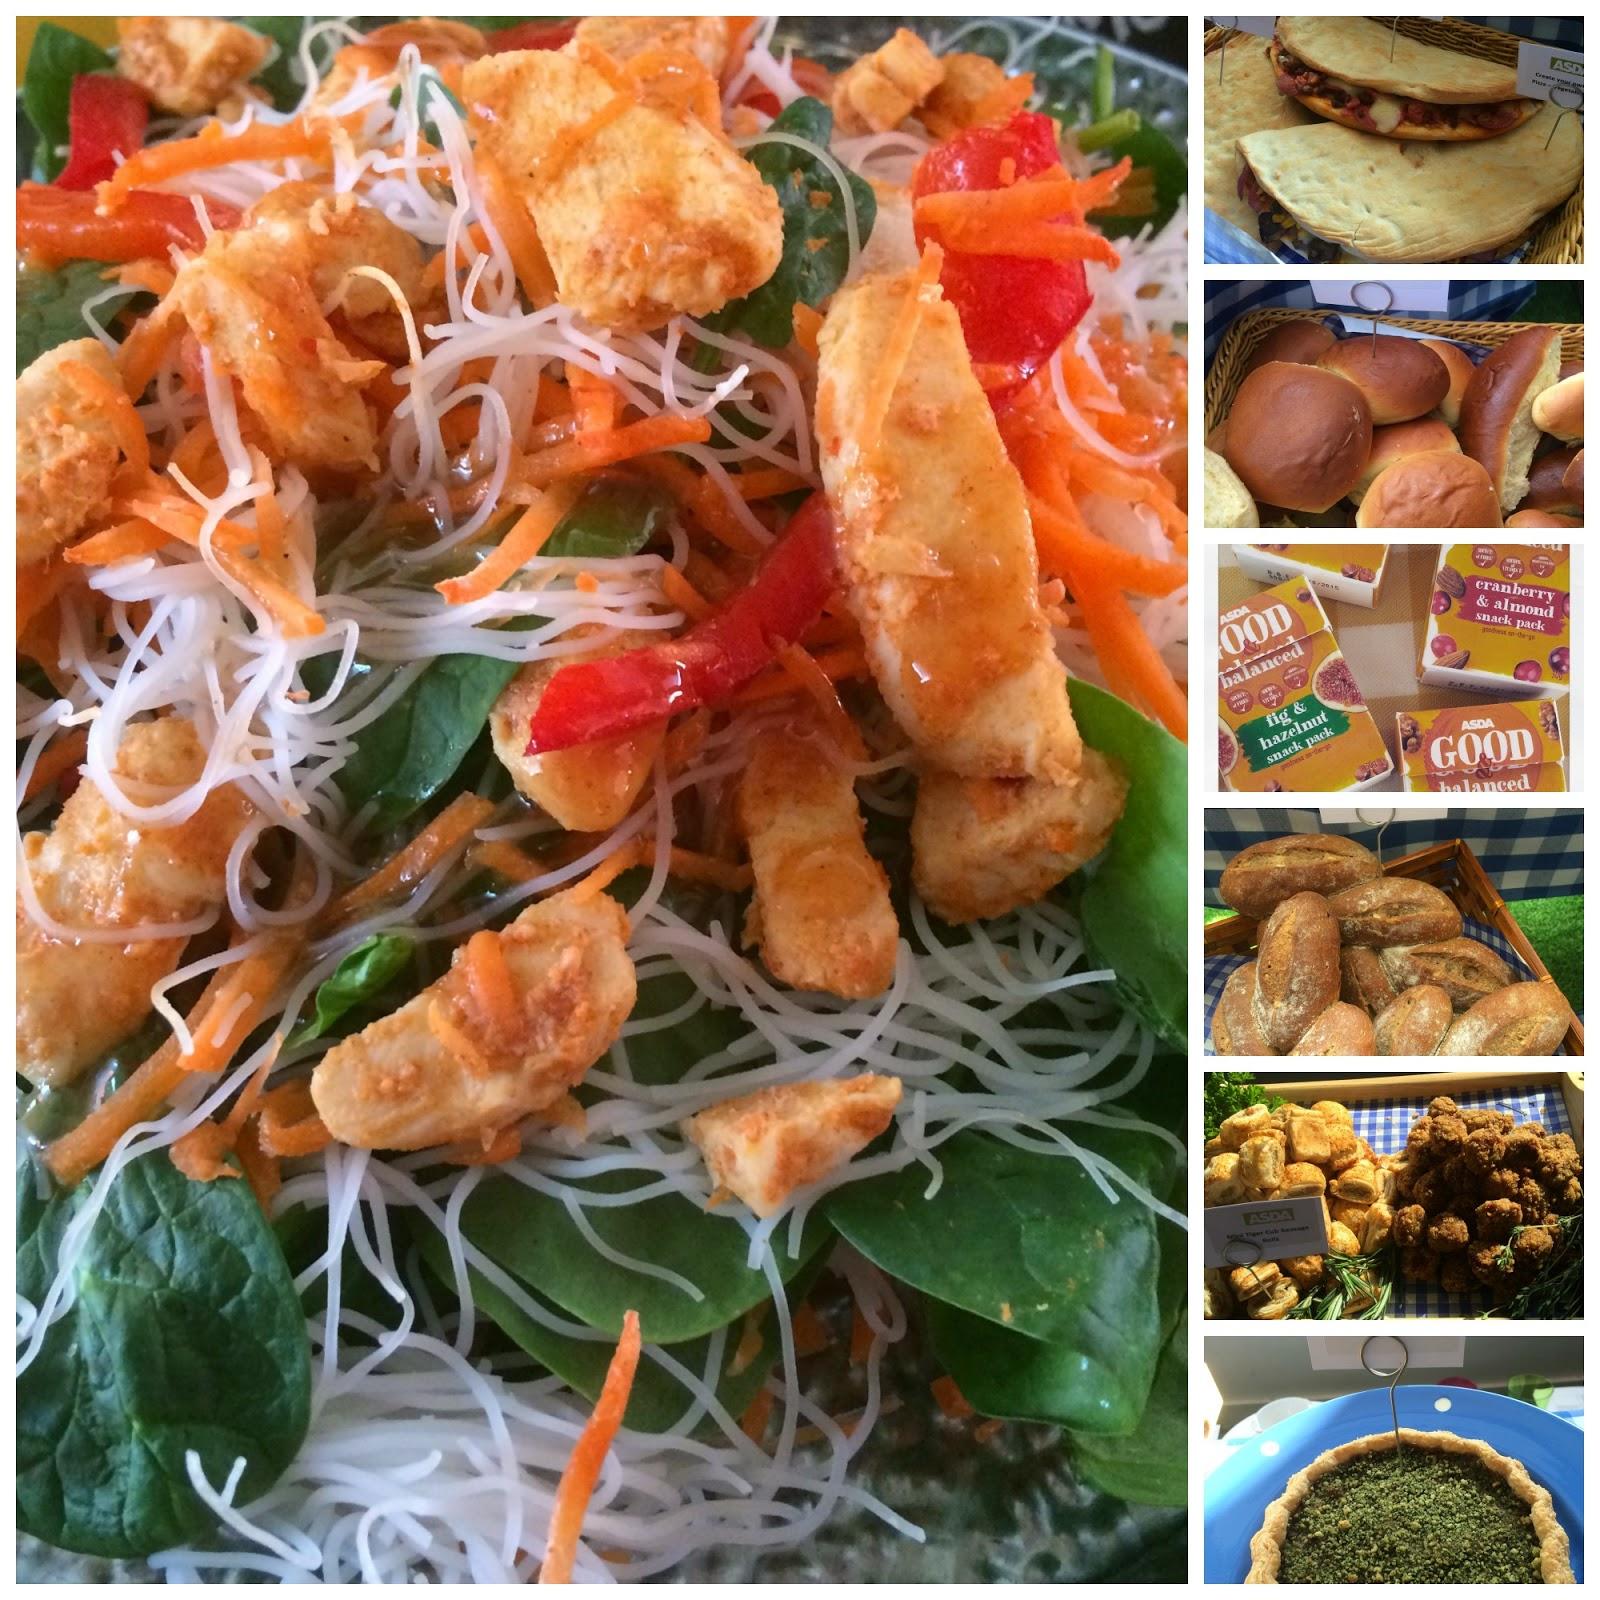 summer picnic and barbecue food from Asda #asdaspringsummer